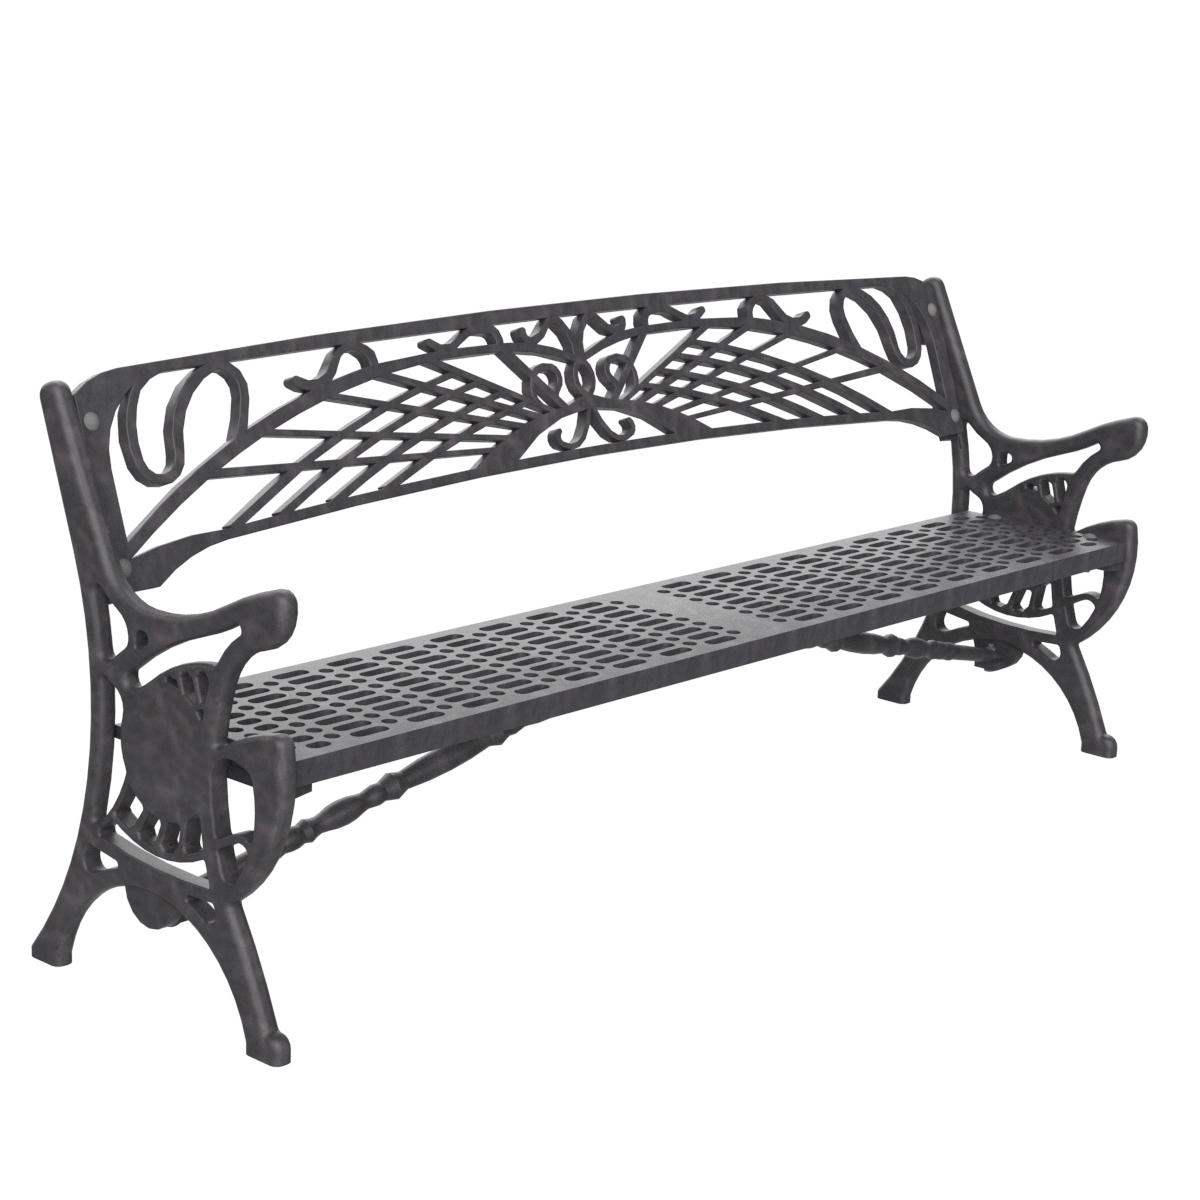 Banco fundicion mobiliario urbano para sentarse parques y jardines - Bancos de jardin de segunda mano ...